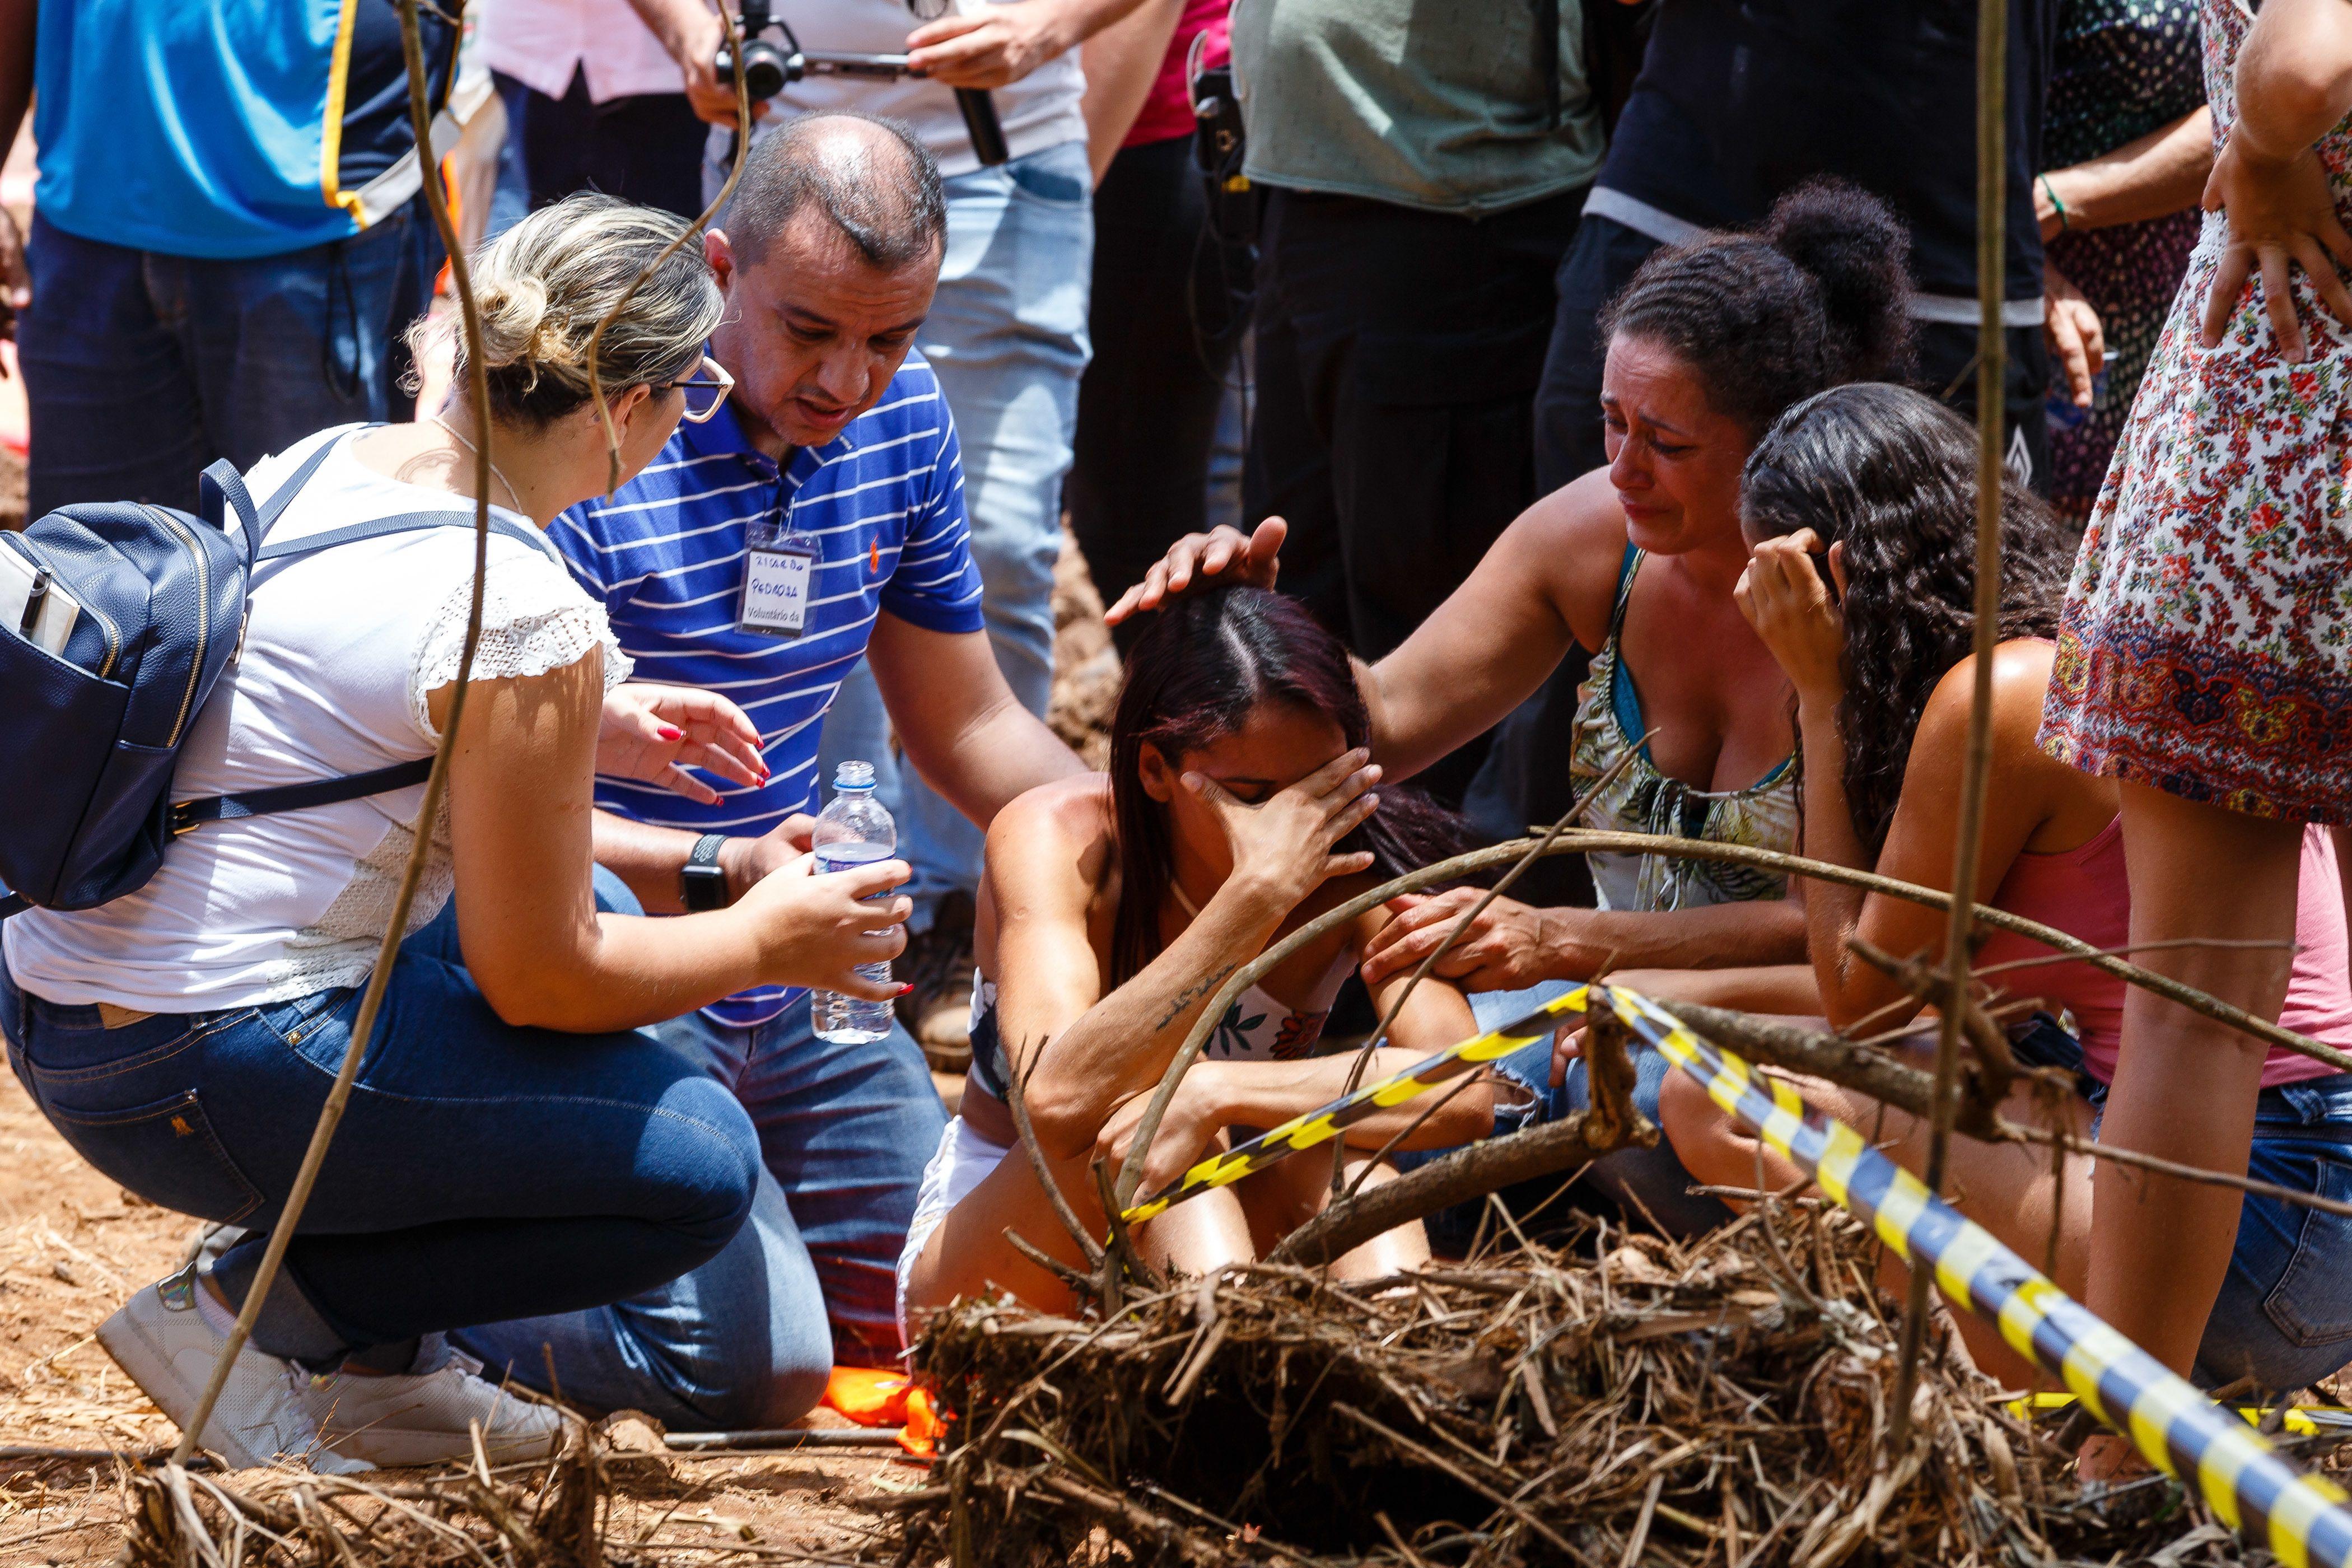 Sobreviventes de Brumadinho relatam dor e resiliência um mês após a ... ab7b704cd36a0